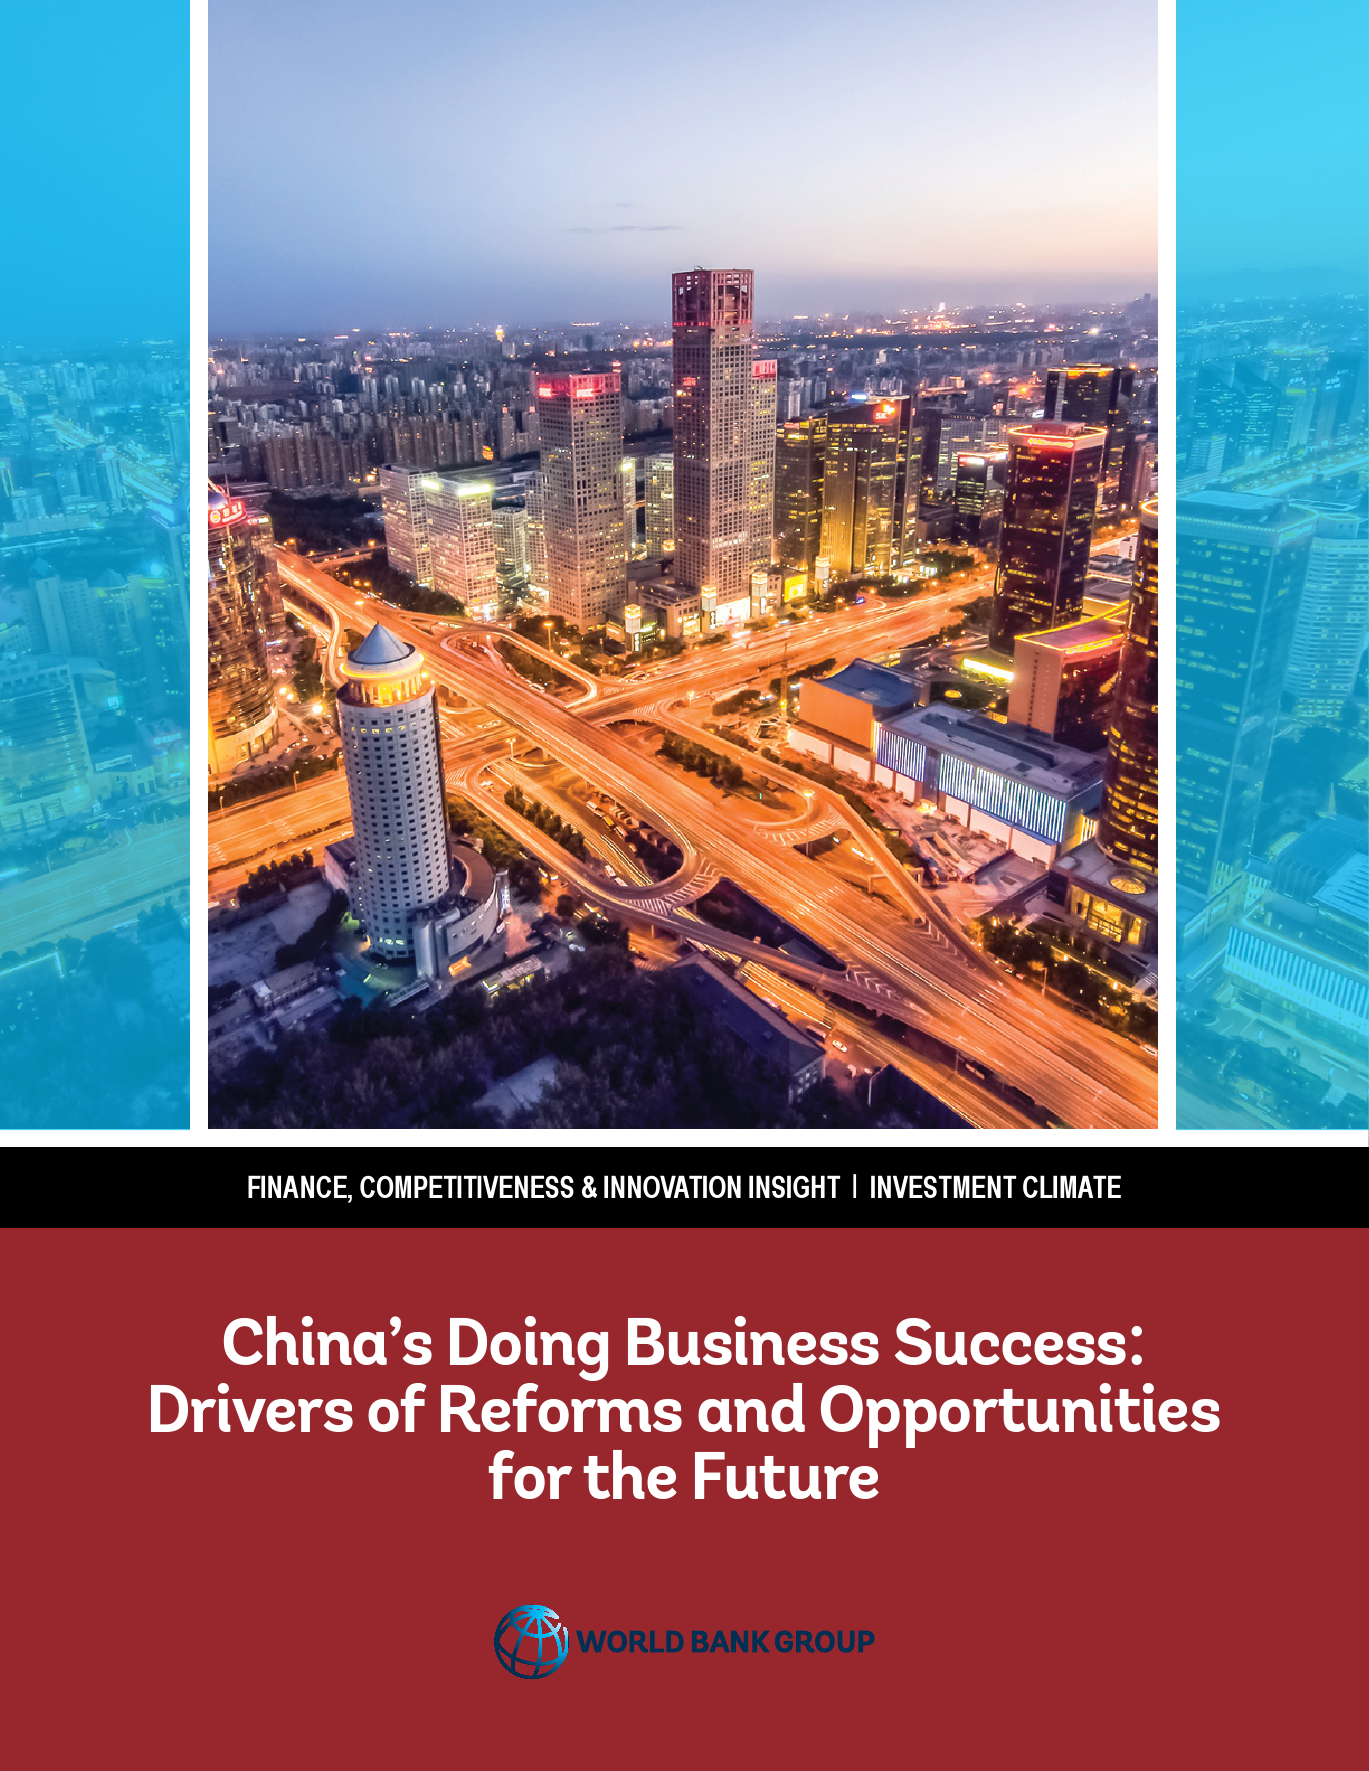 中国优化营商环境的成功经验:改革驱动力及未来机遇